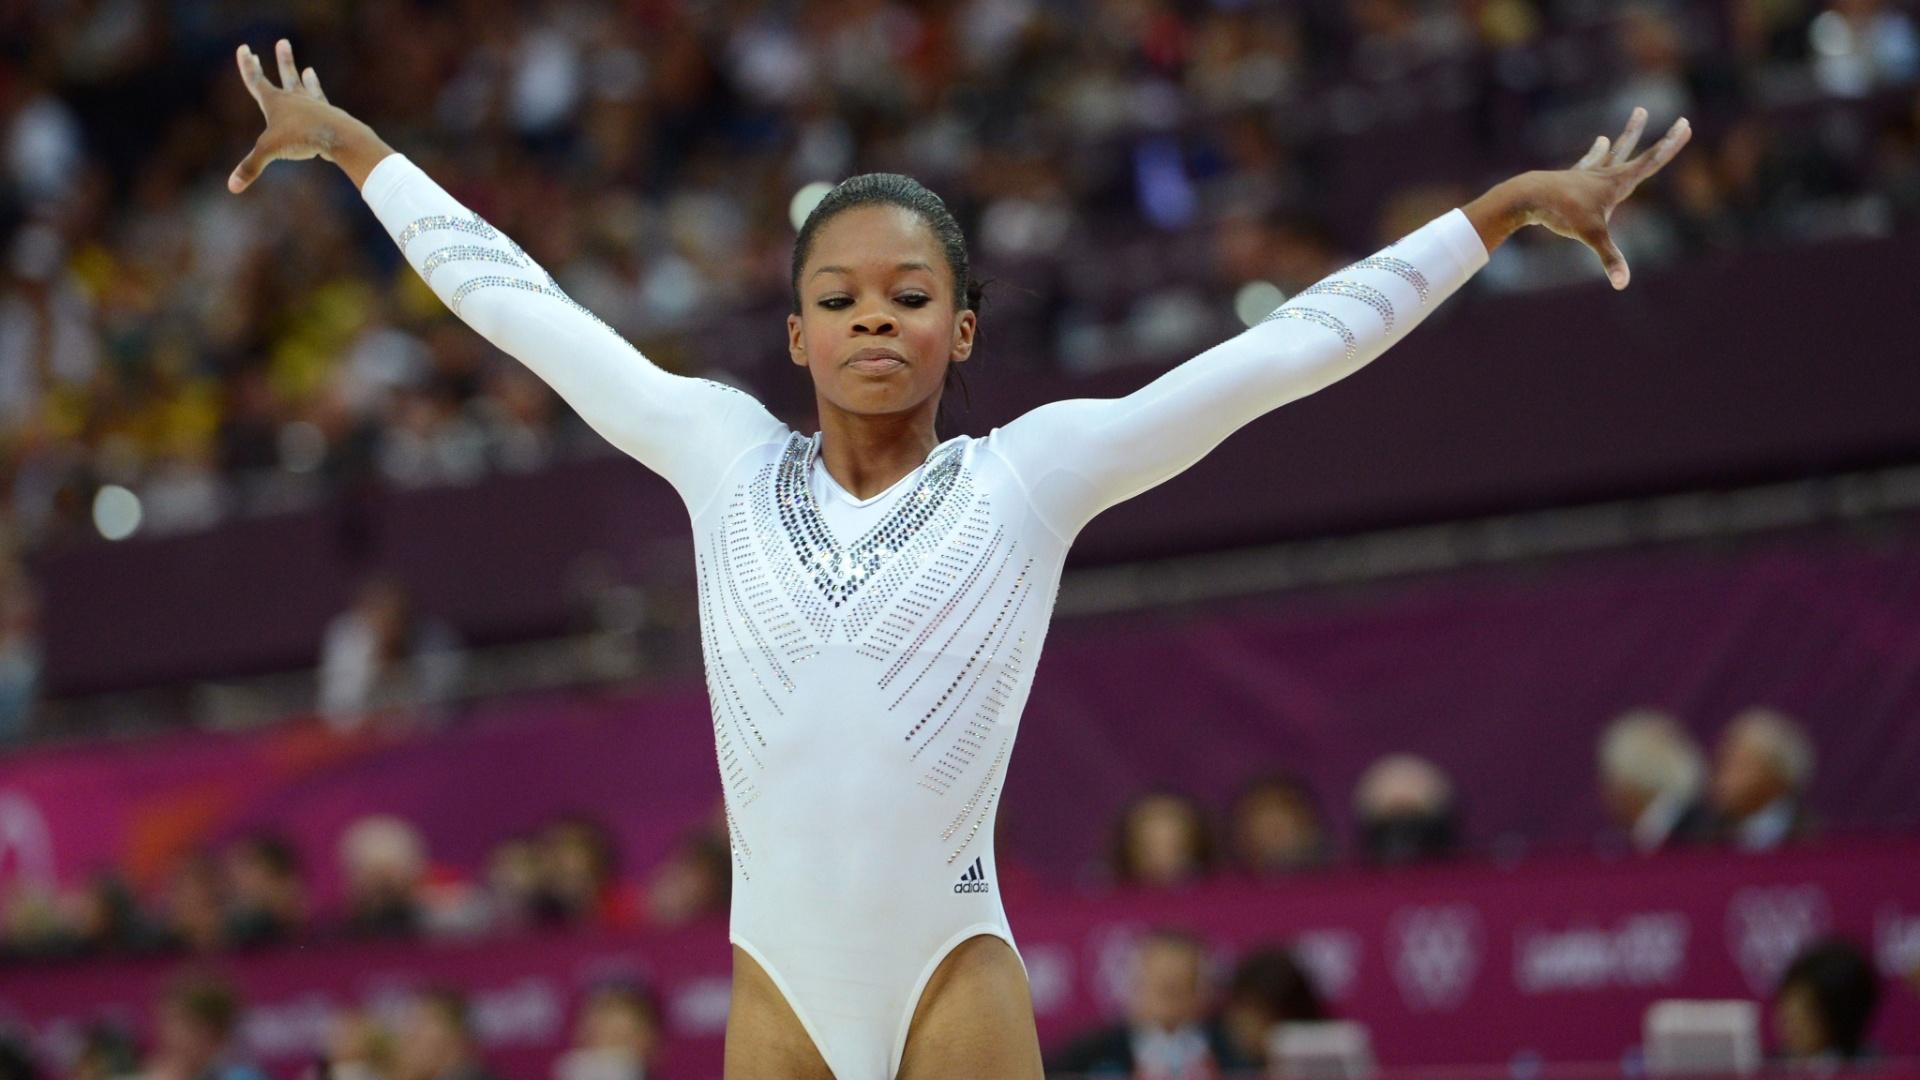 Norte-americana Gabrielle Douglas encerra sua série de trave; a ginasta caiu durante a apresentação e ficou apenas em sétimo lugar